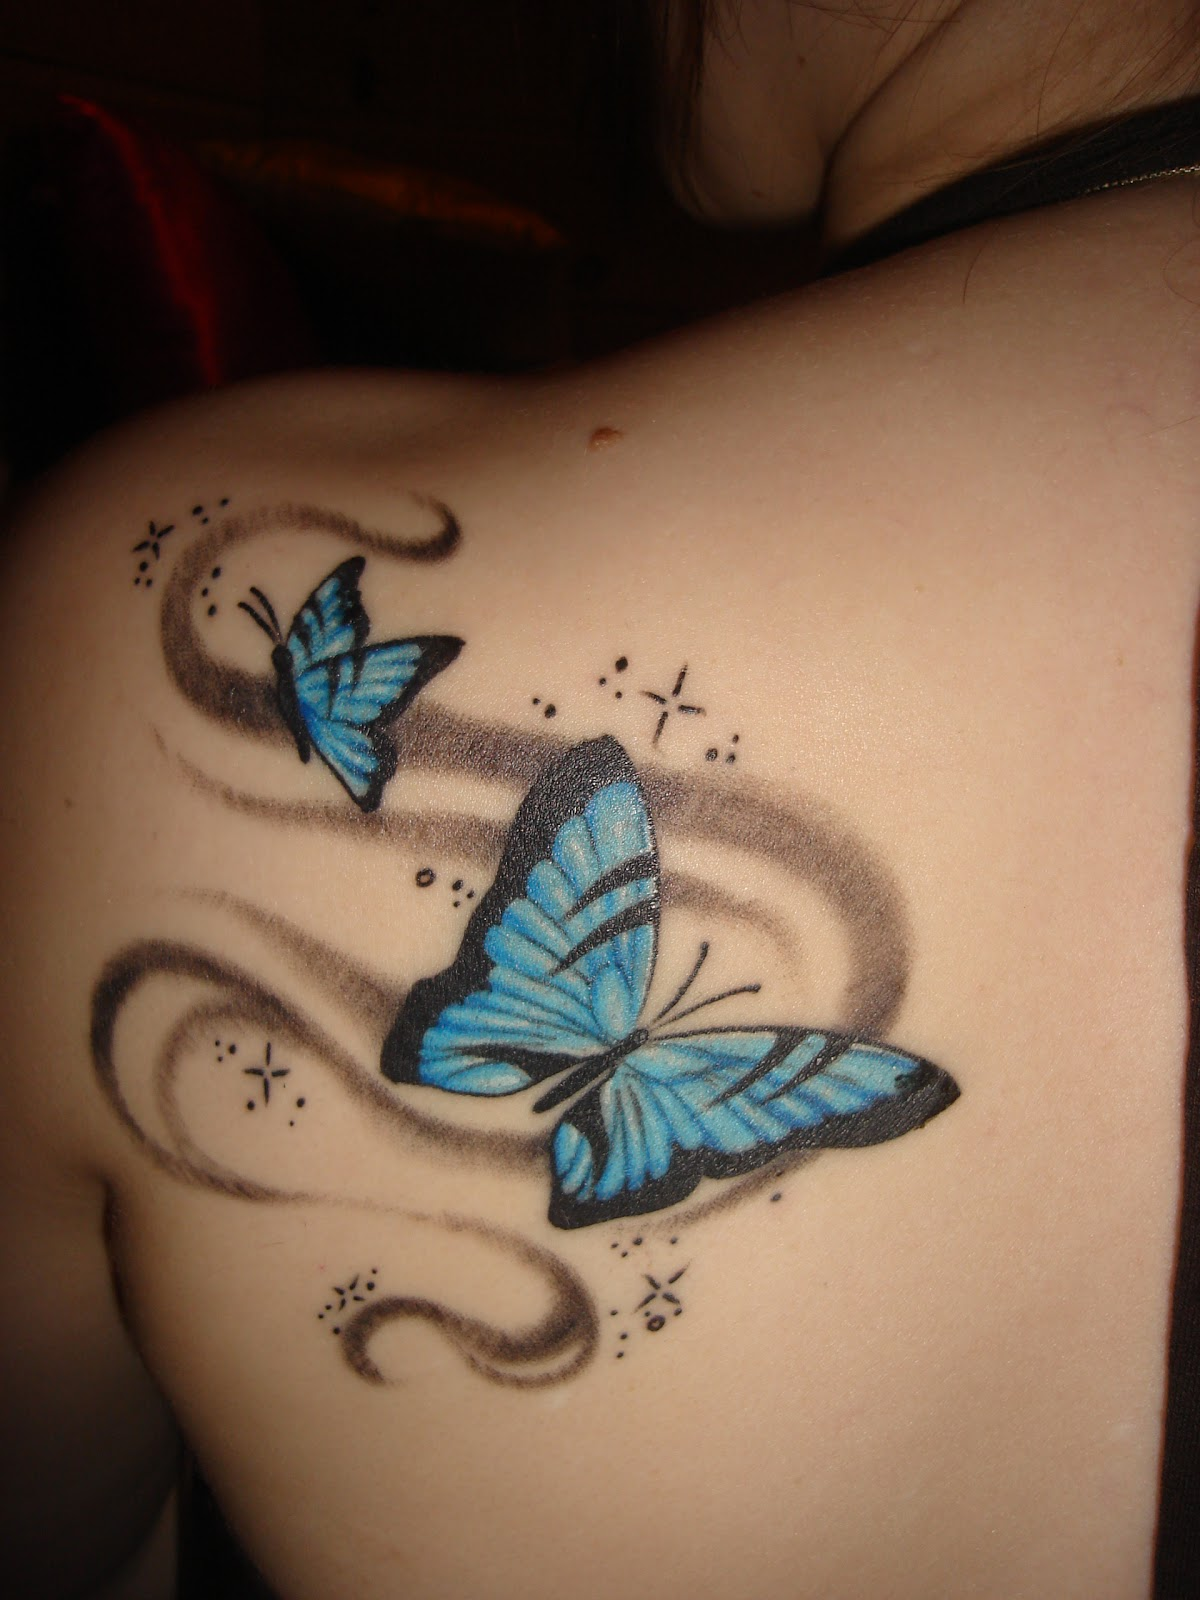 http://2.bp.blogspot.com/-noVjkVq3kMs/UEoHcjI36JI/AAAAAAAAHSI/_j2E_mPS6ug/s1600/tatuaje+mariposas+azules.jpg